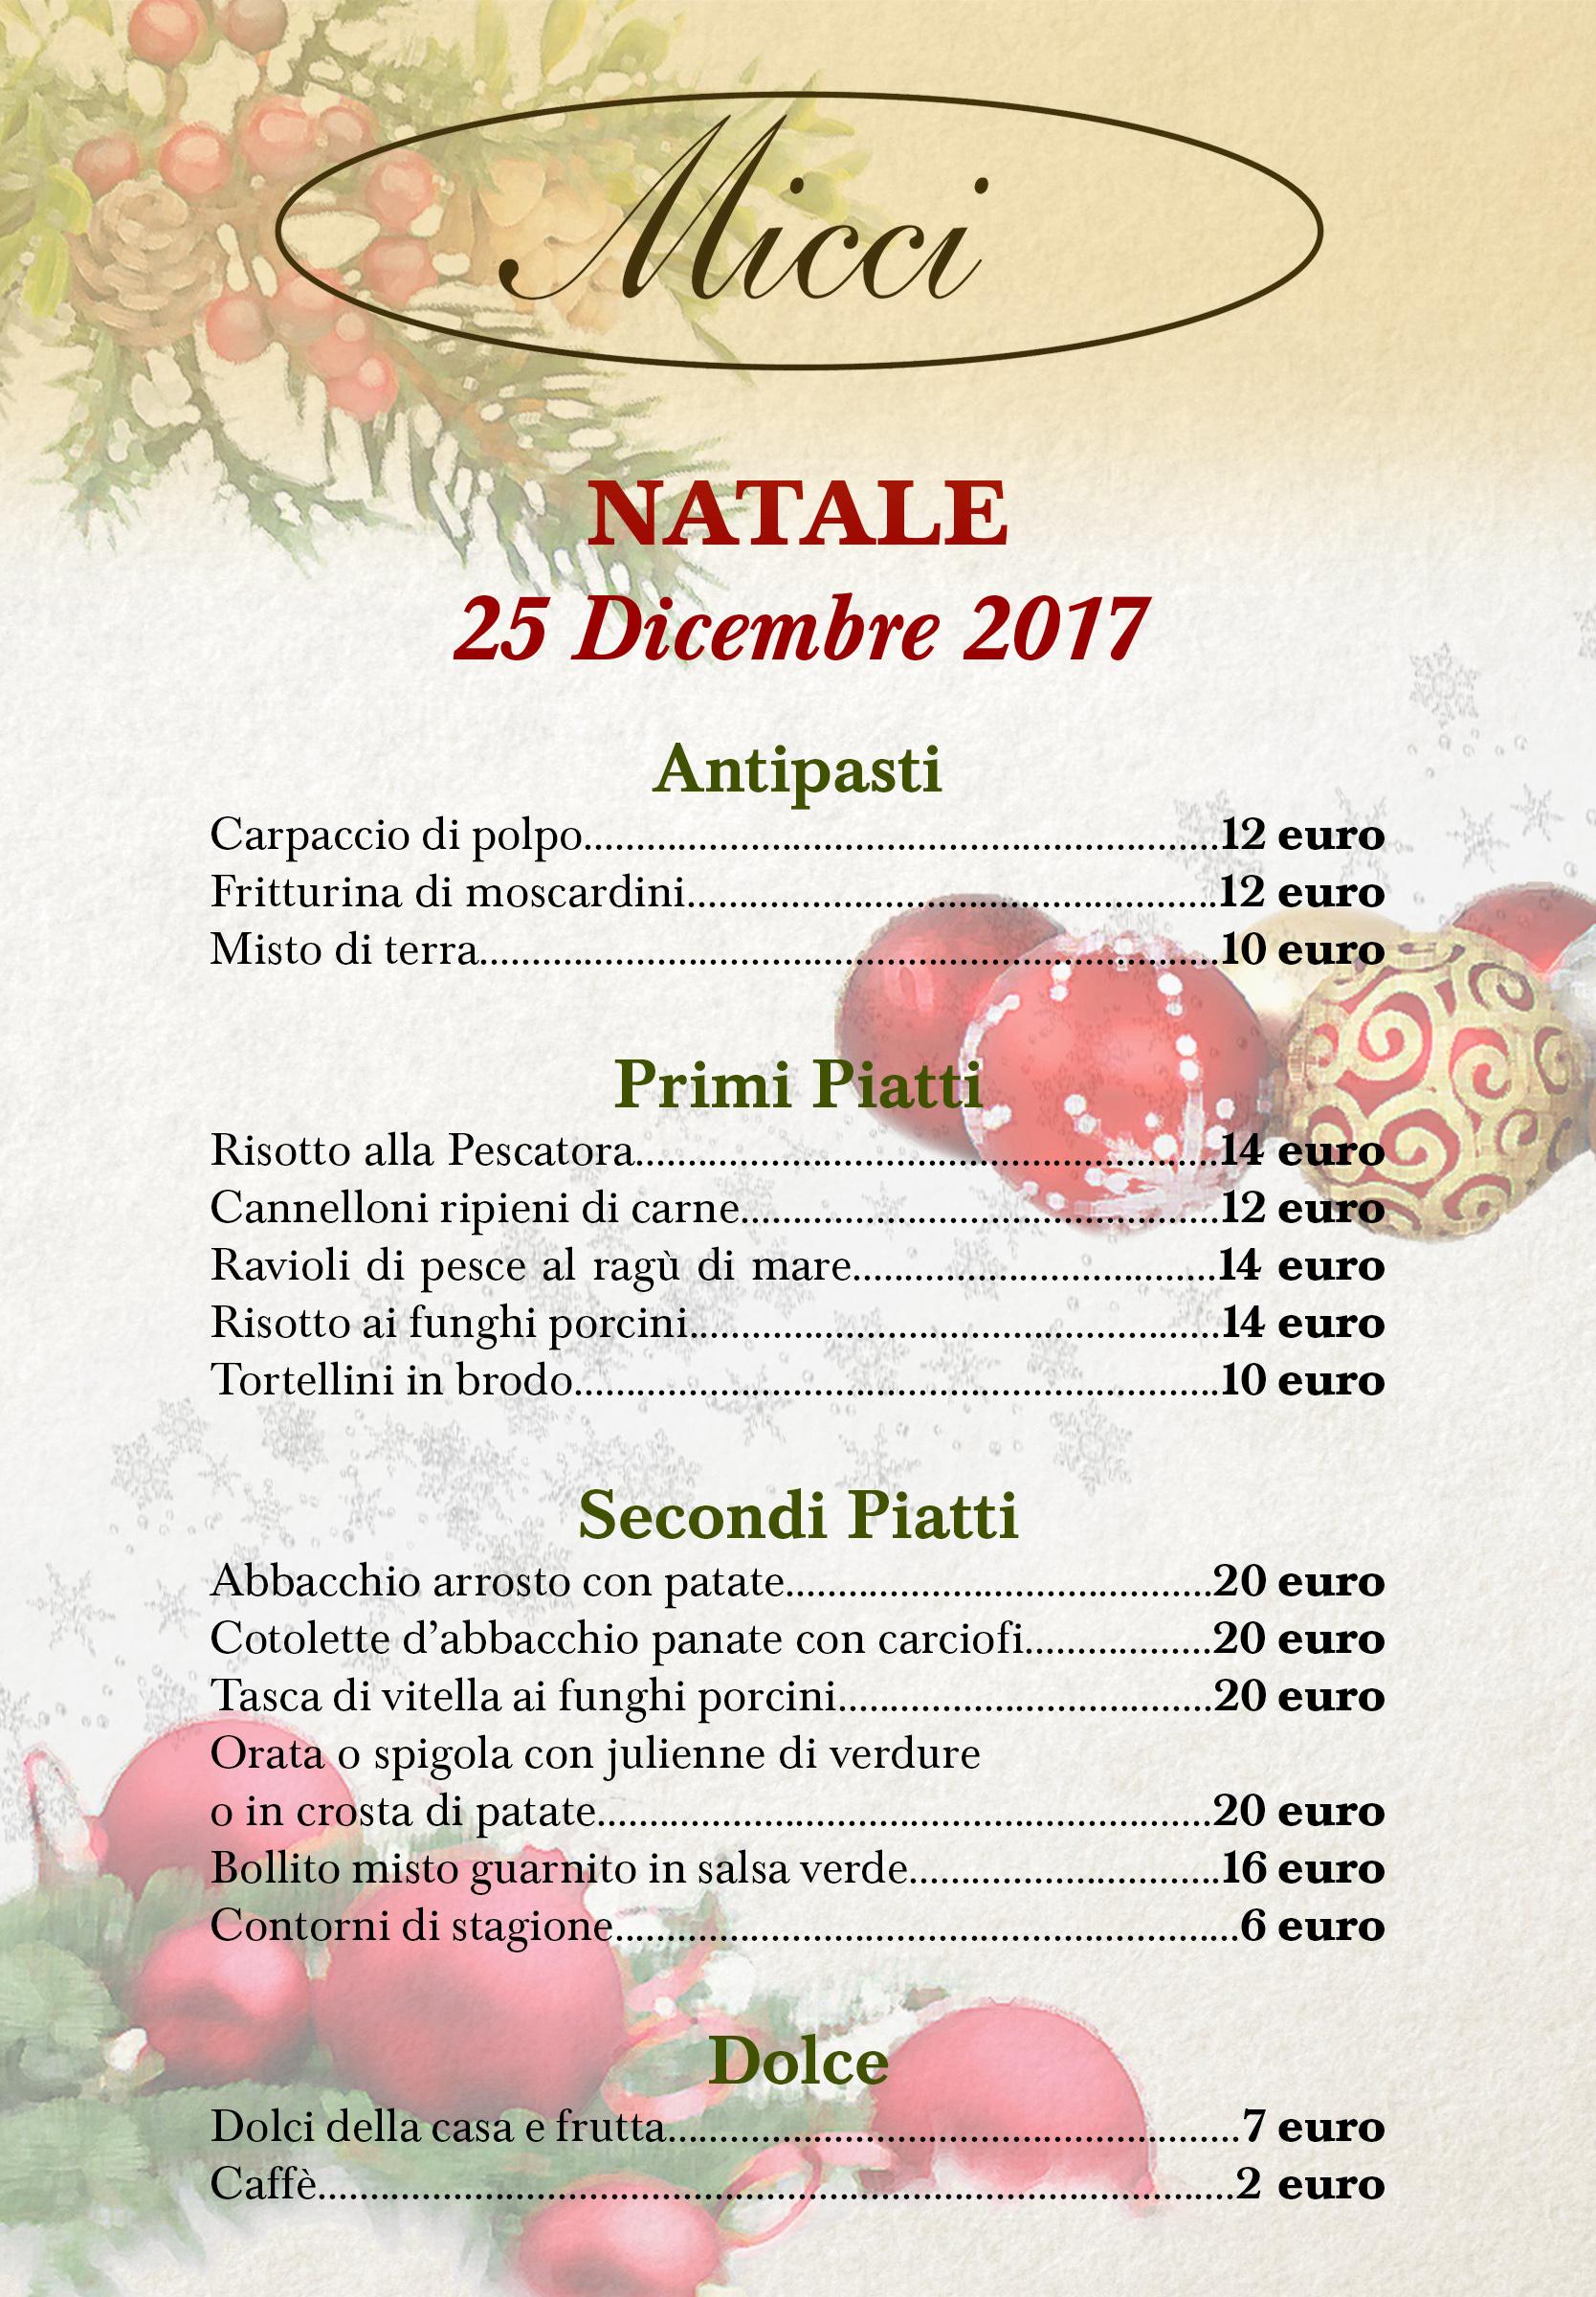 Menu Di Natale A Roma.Menu Pranzo Di Natale 2017 25 Dicembre